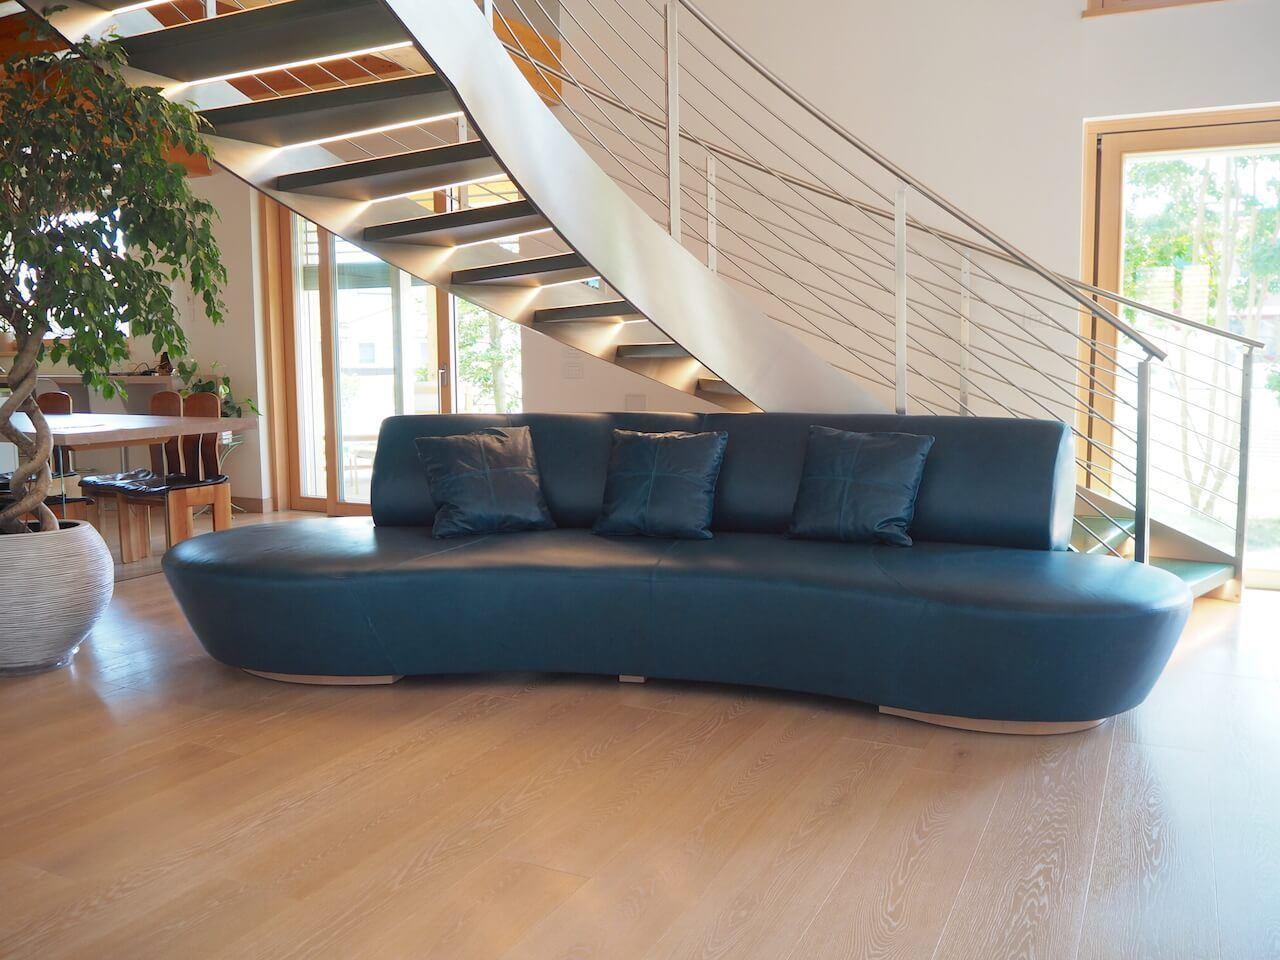 divano su progetto artigianale